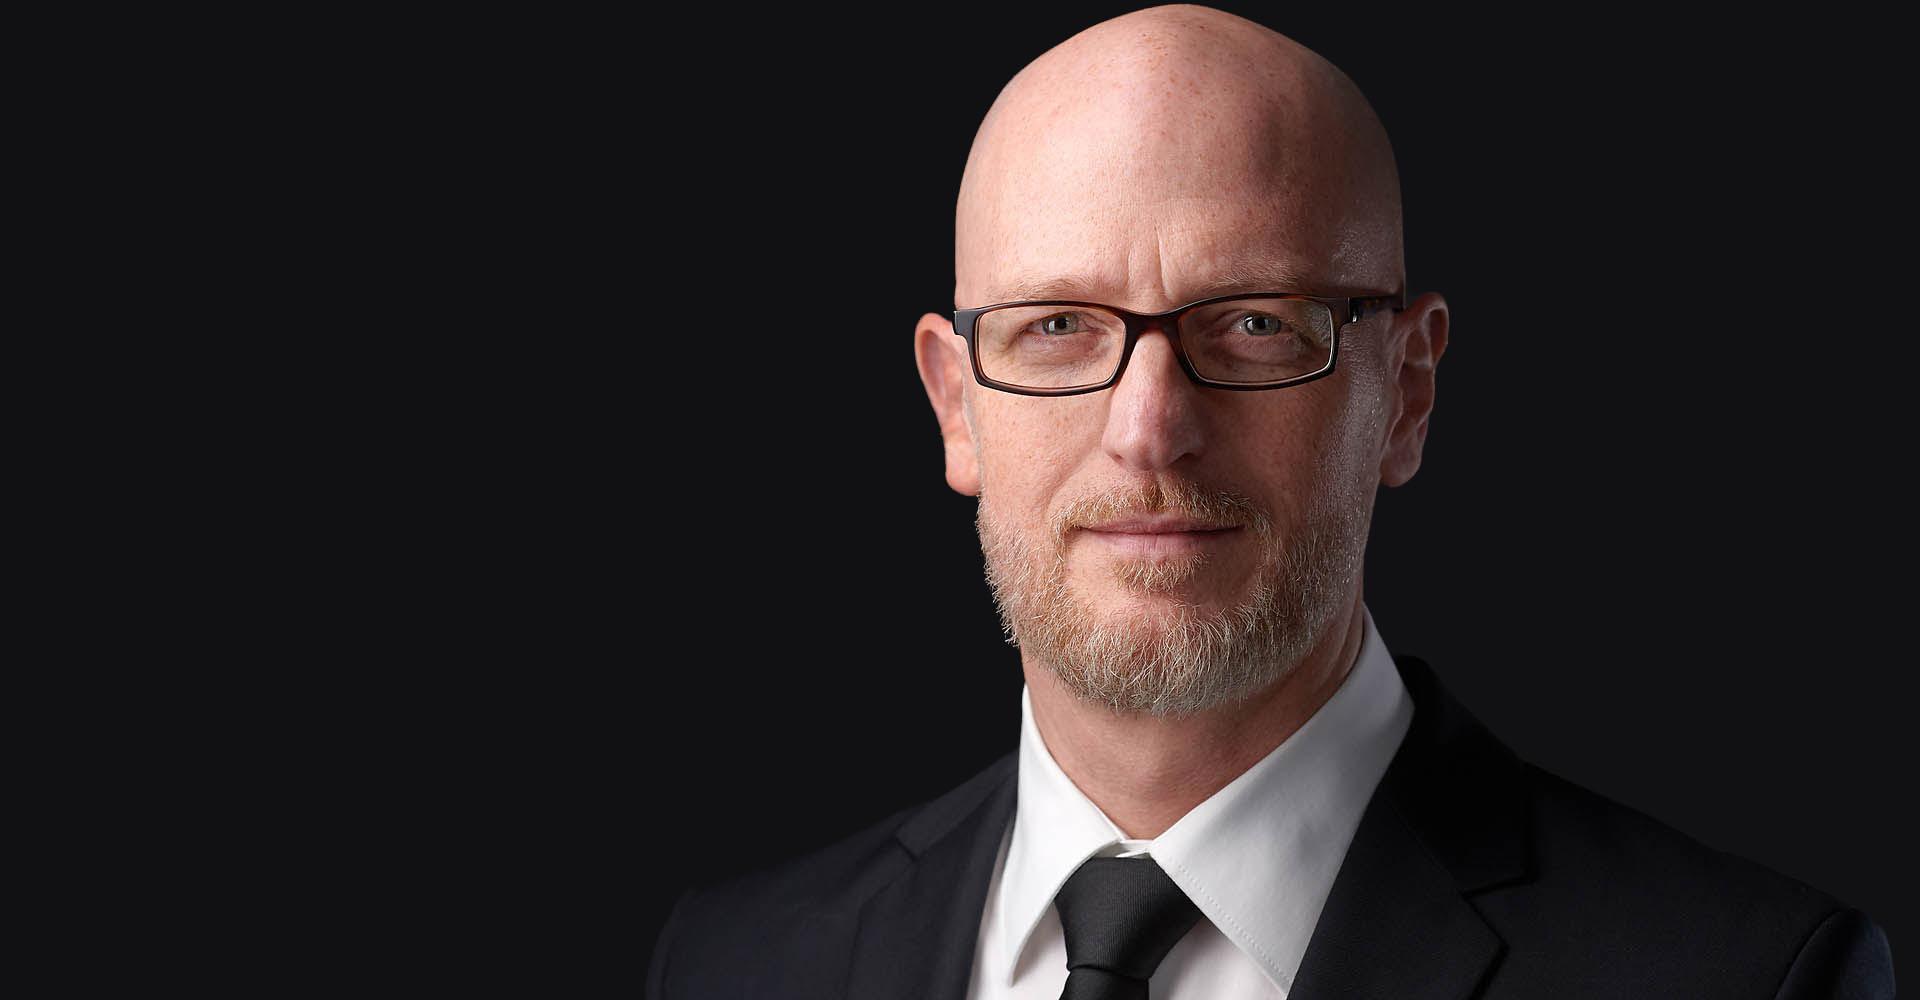 Toller Headshot von Markus für die Businessfotografie